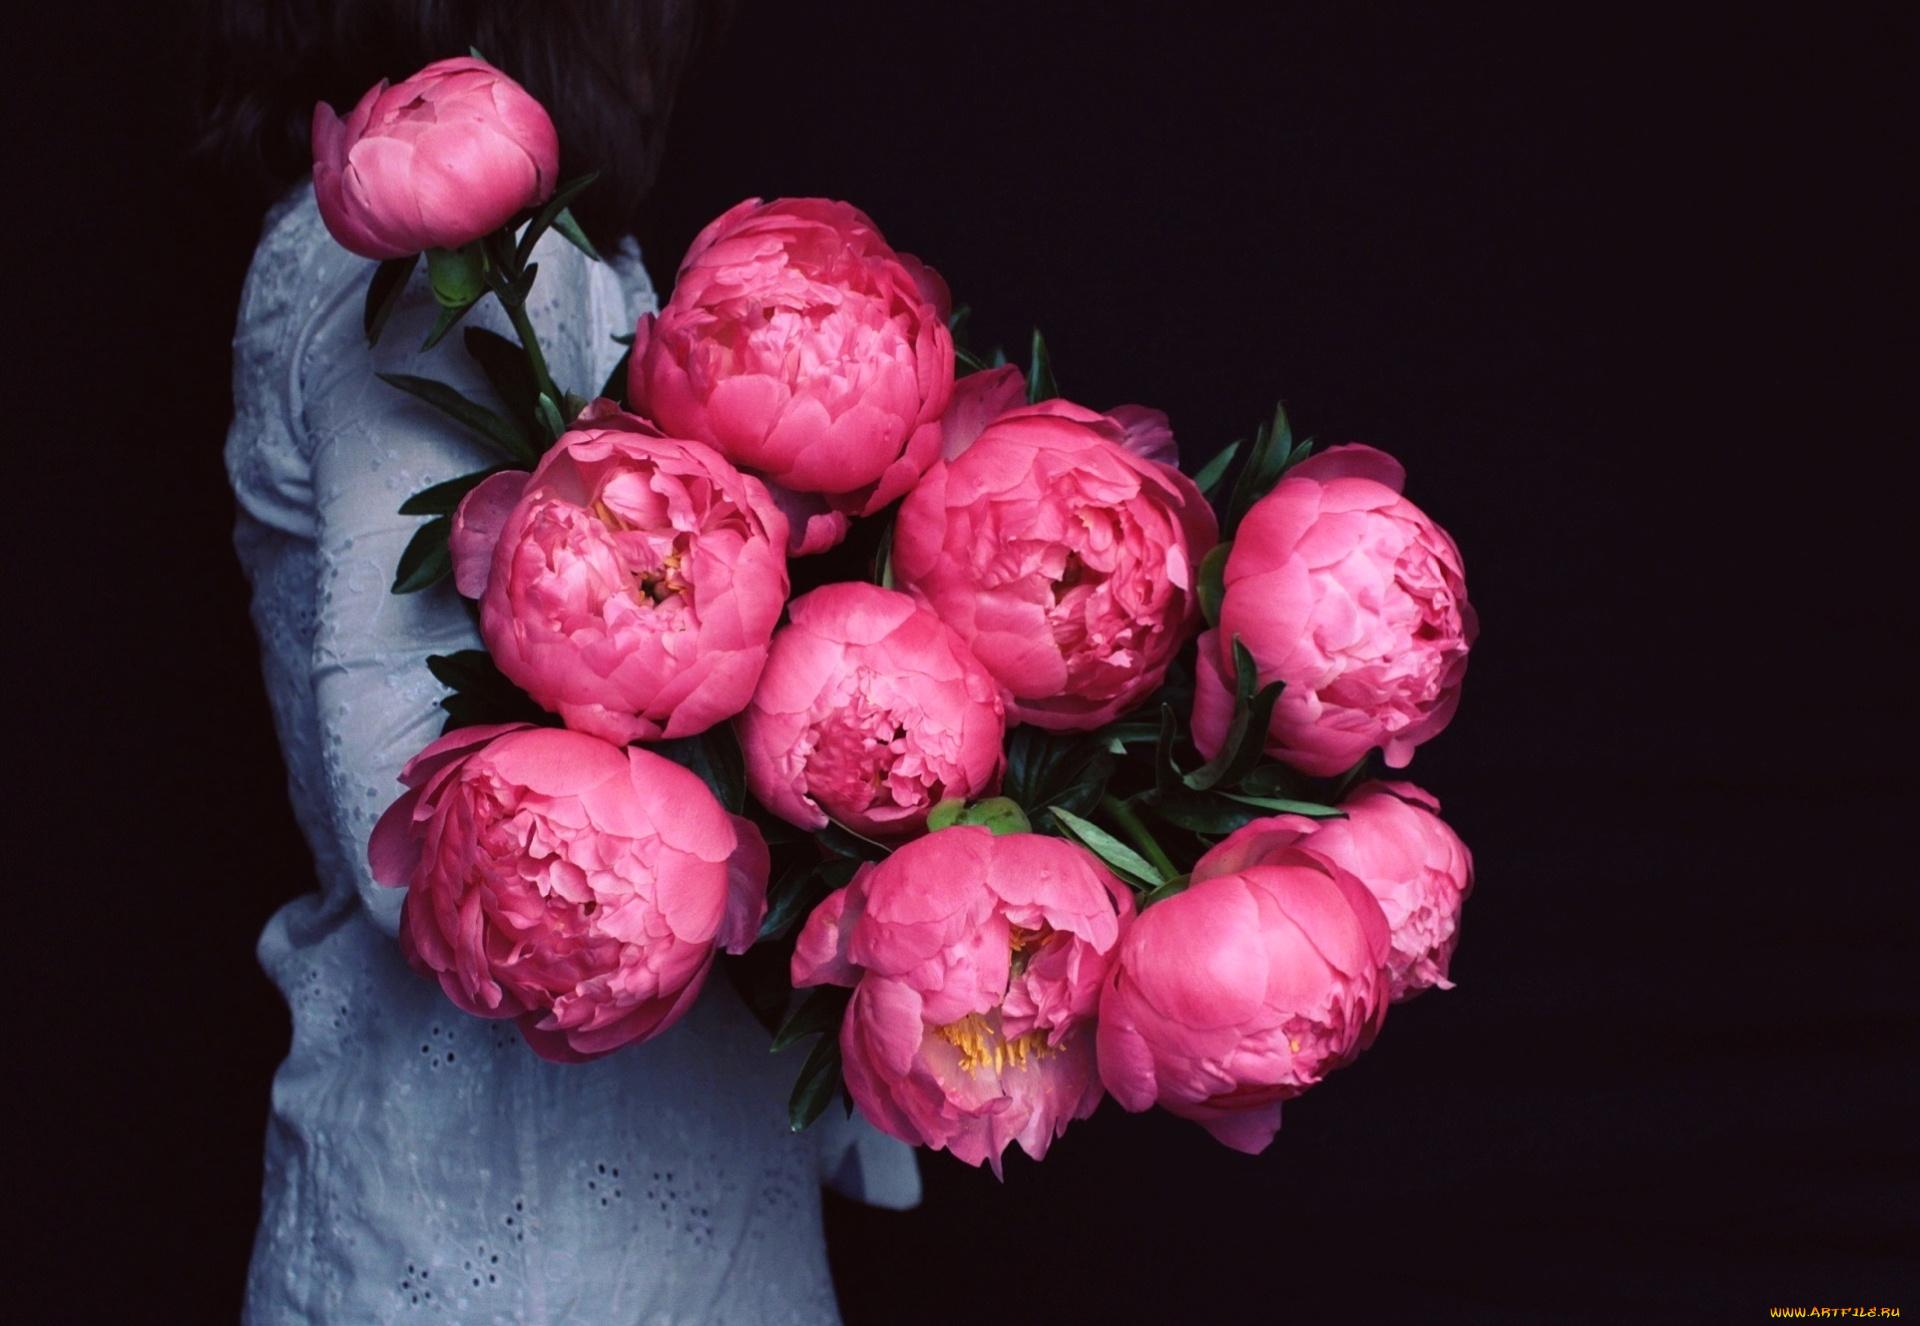 Картинки цветов пионов обои, дружбу